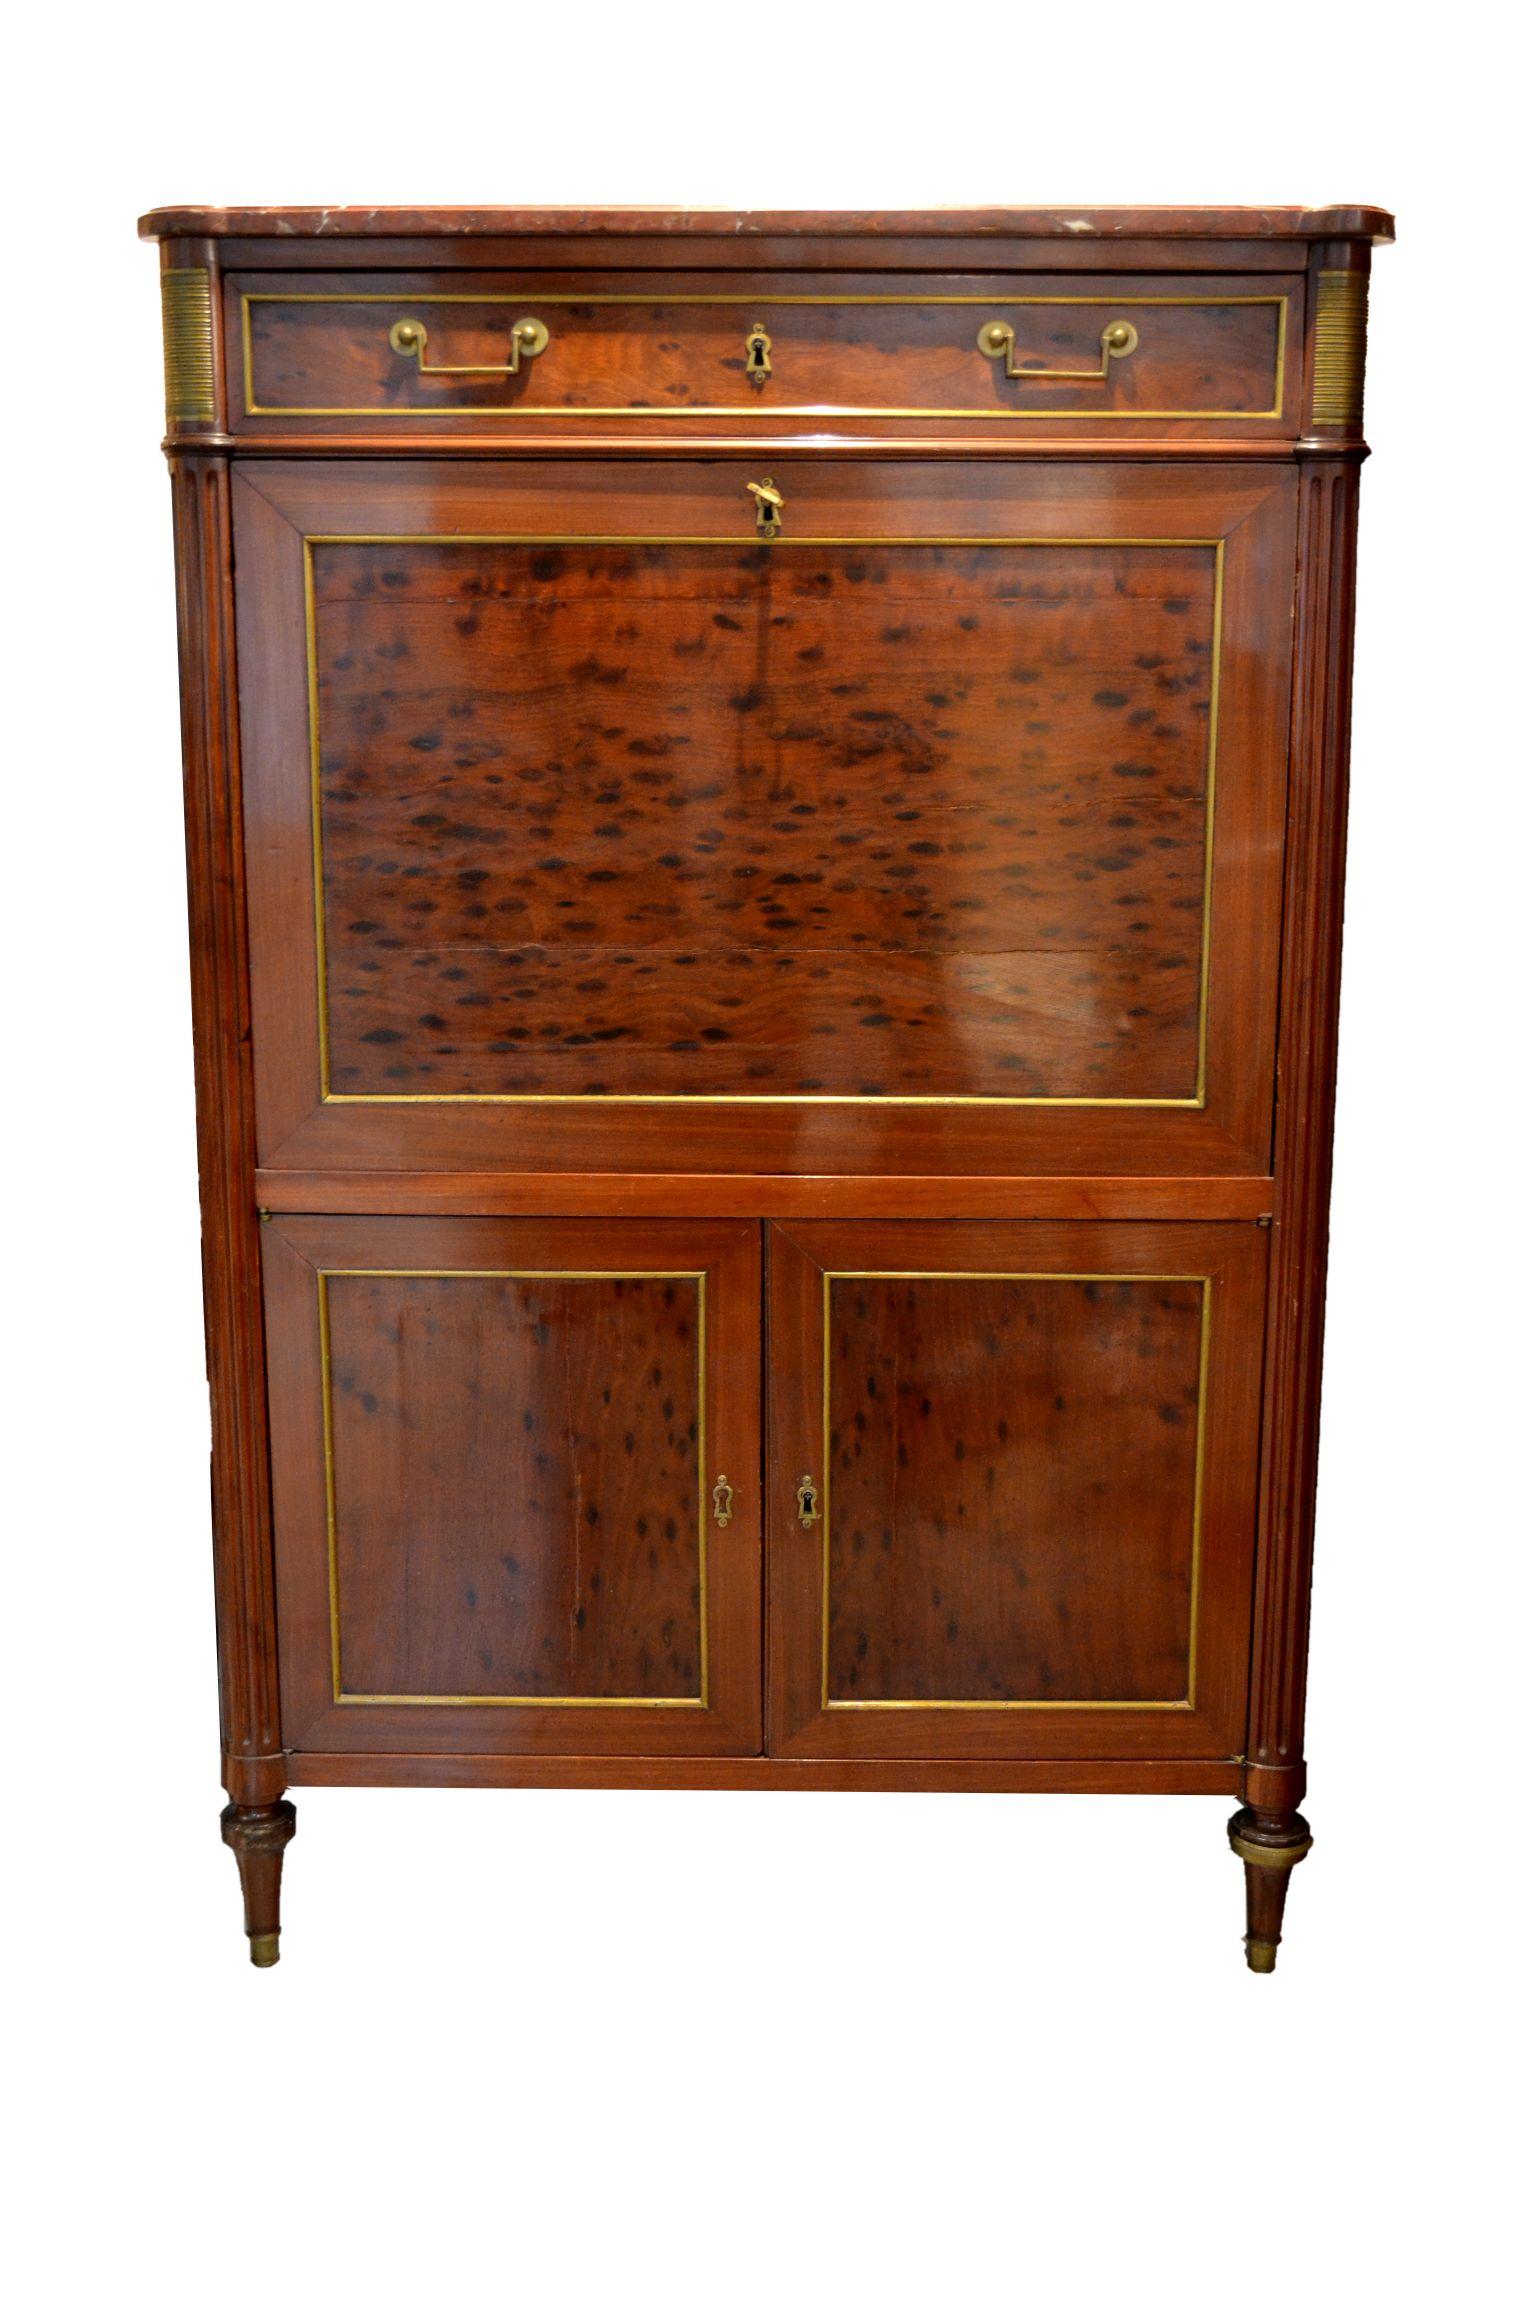 secr taire droit abattant louis xvi directoire fin xviii me rapha l 39 s fine art valuer. Black Bedroom Furniture Sets. Home Design Ideas